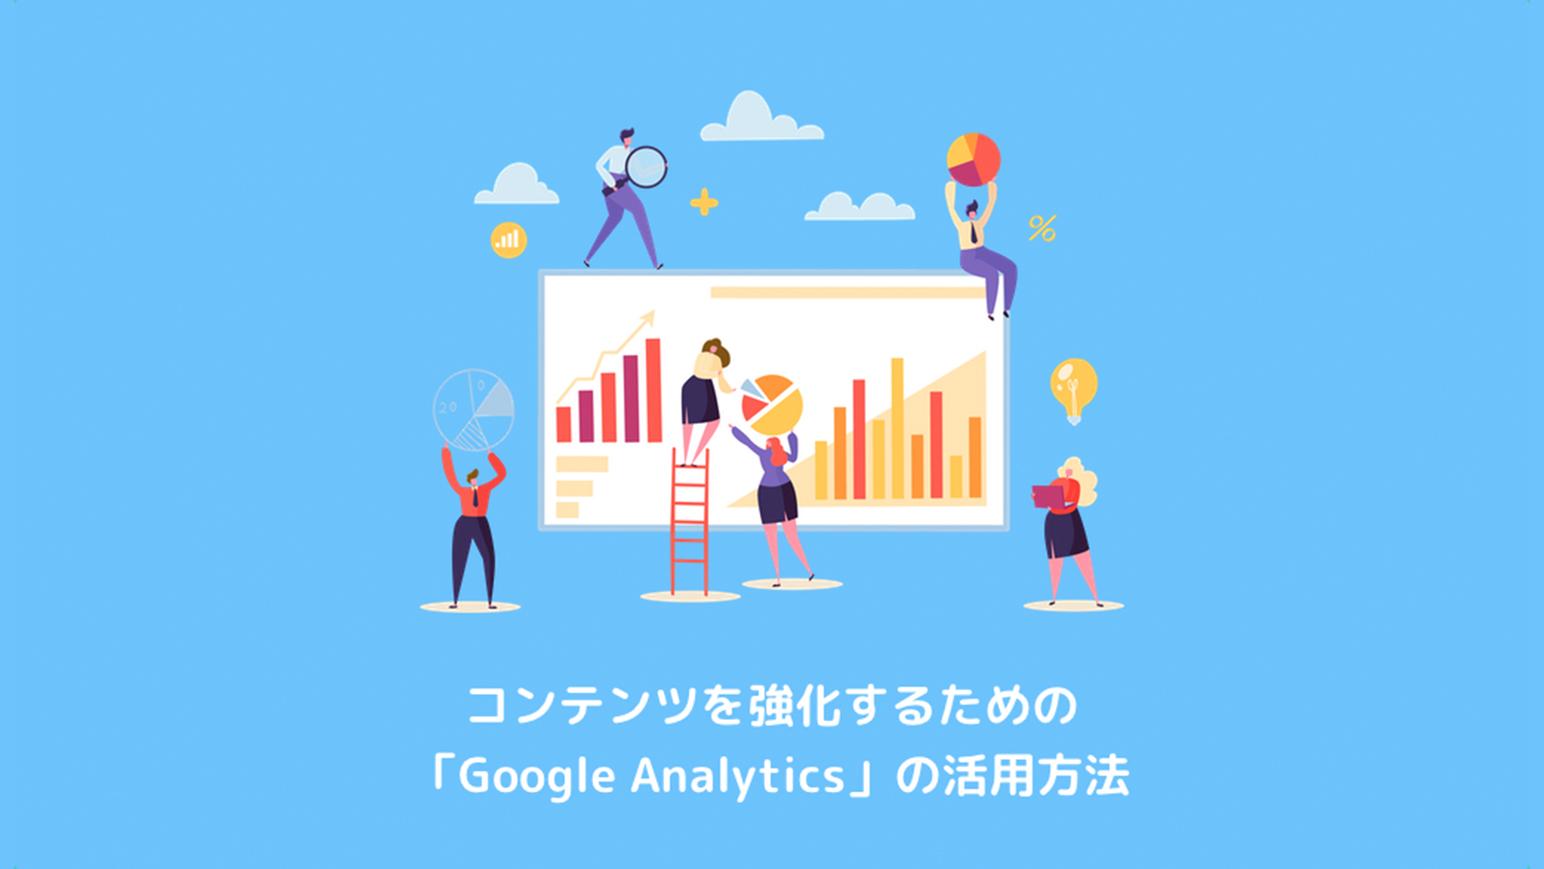 コンテンツを強化するための「Google Analytics」の活用方法のアイキャッチ